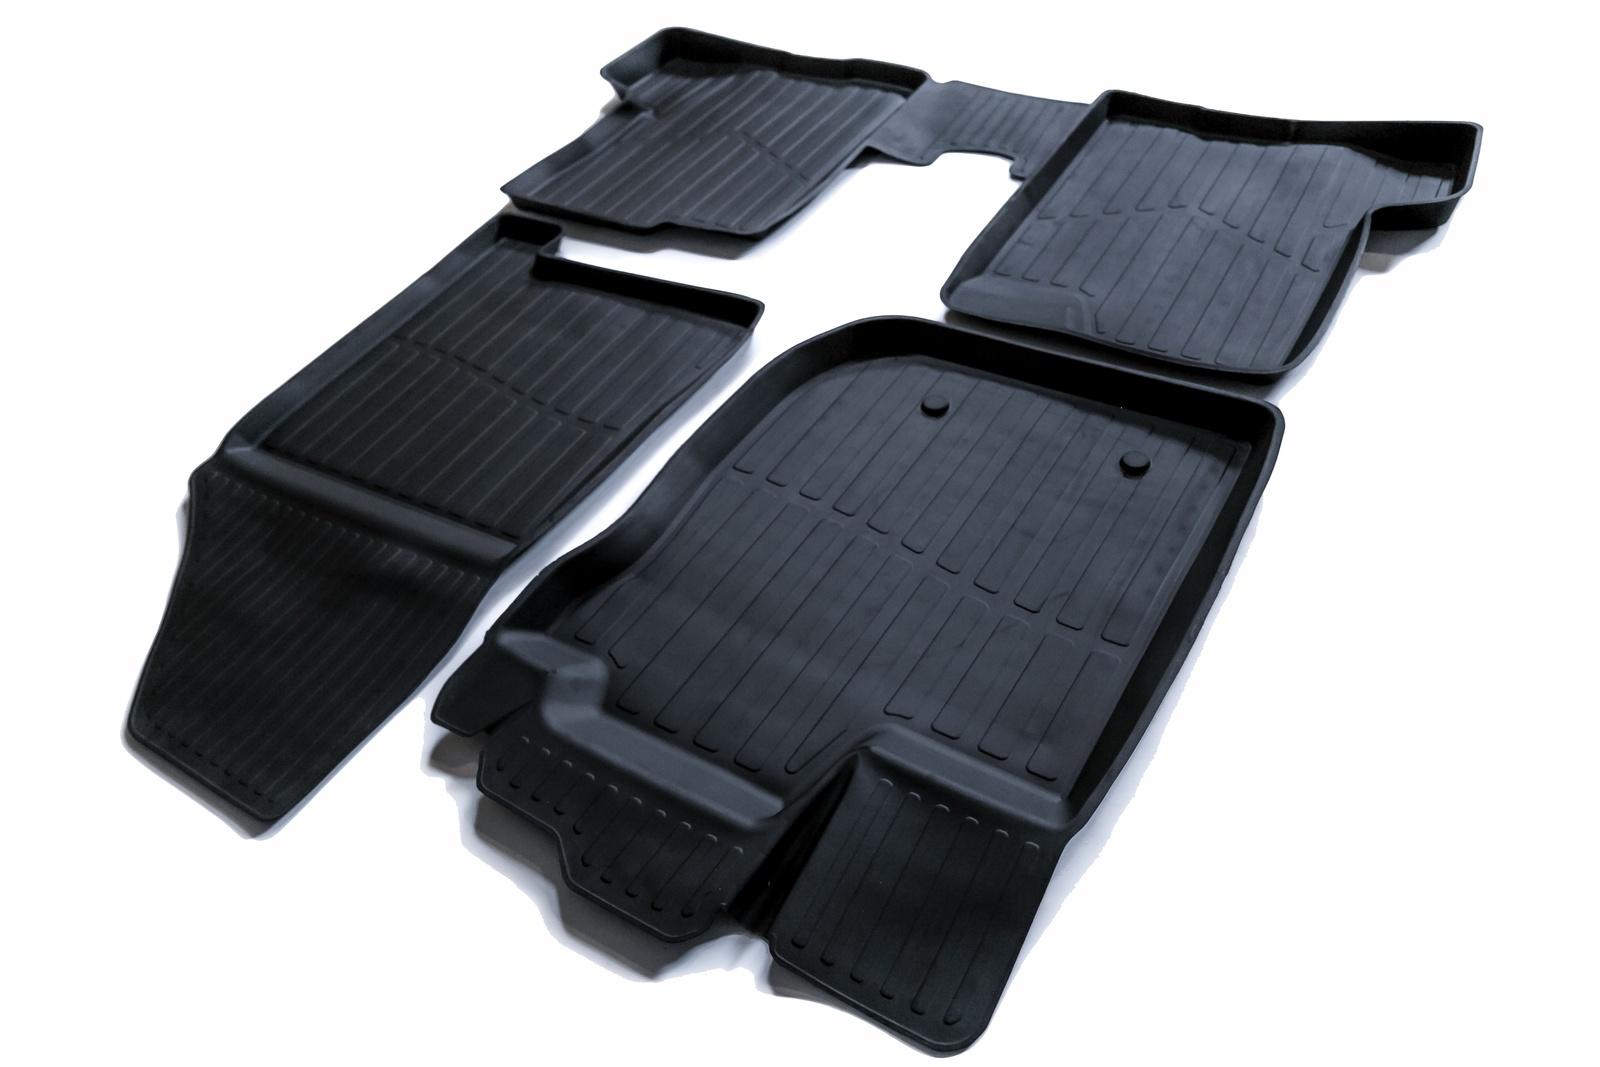 Коврики в салон автомобиля SRTK 3D STANDART, черный motormax модель автомобиля corvette 1967 цвет черный